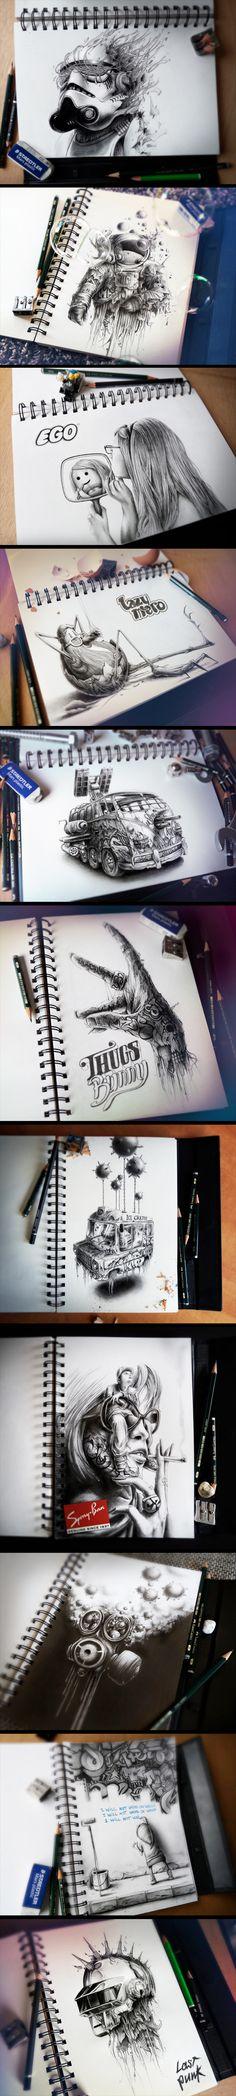 Nunca vou desenhar assim